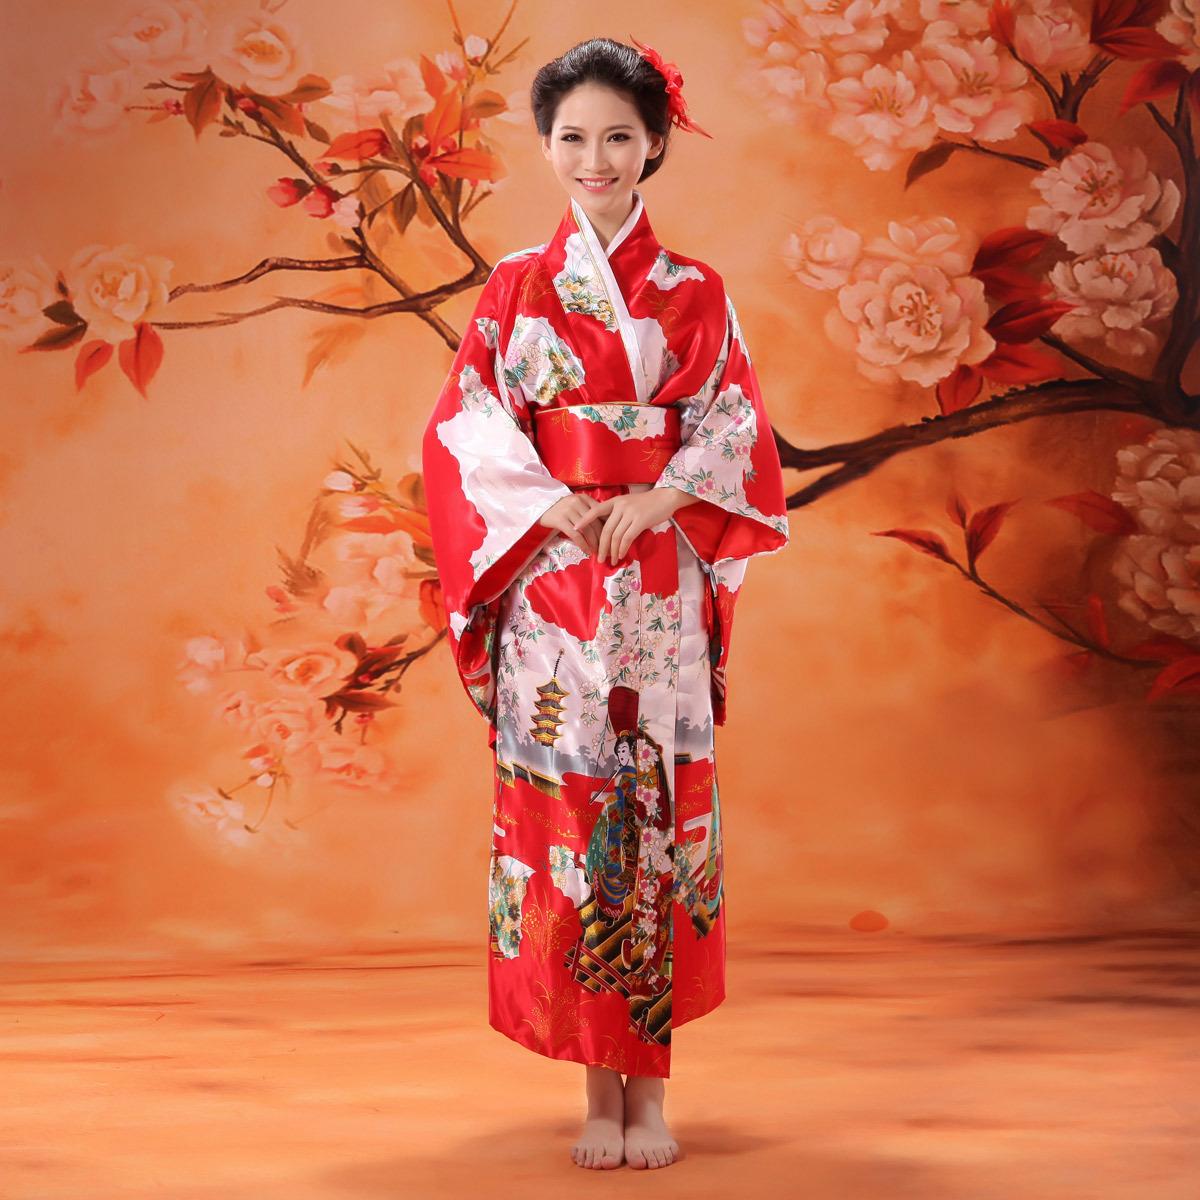 Hitomi.vn - Kimono trang phục truyền thống của Nhật Bản